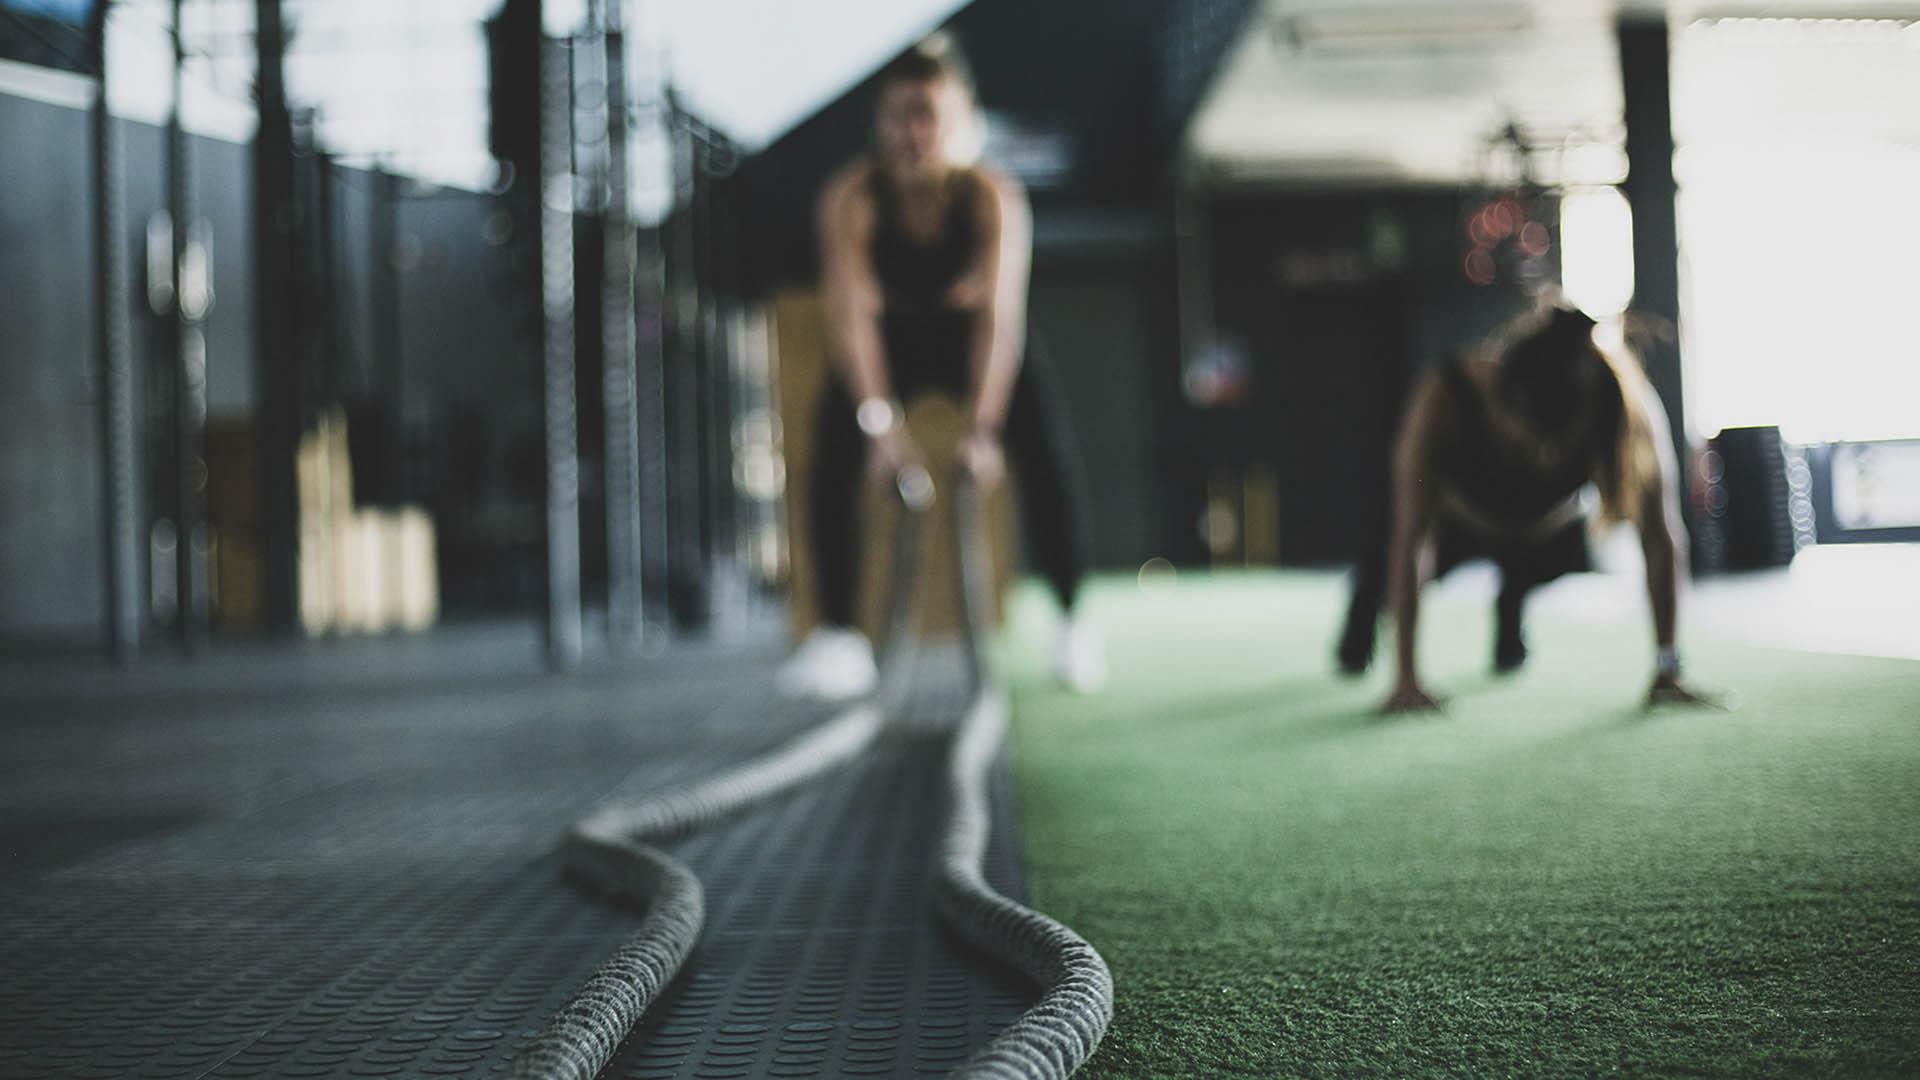 La digitalización del fitness y los modelos low cost con Jairo Fernández